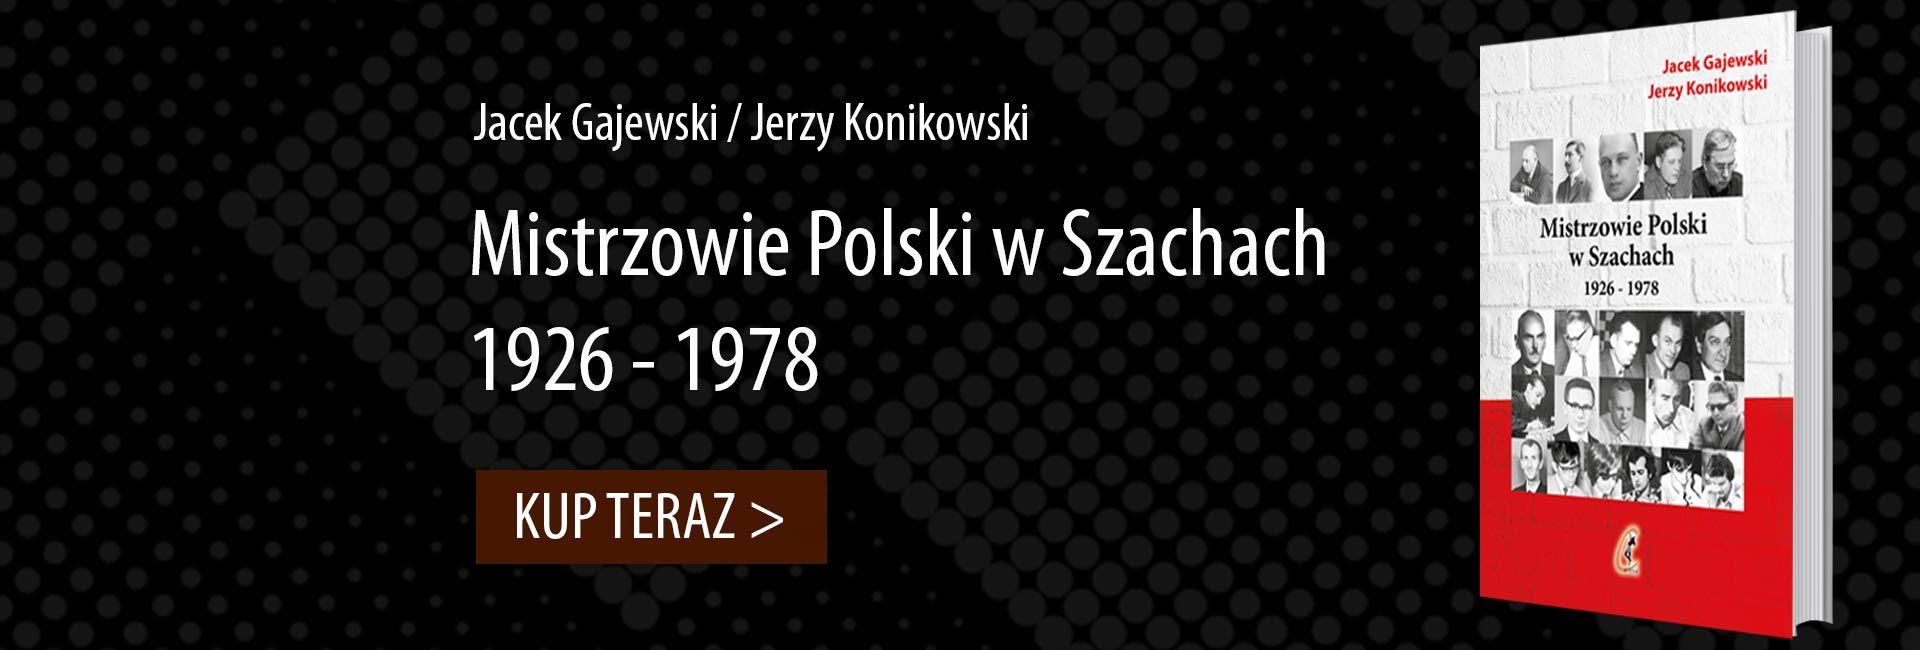 Mistrzowie Polski w Szachach cz. 1